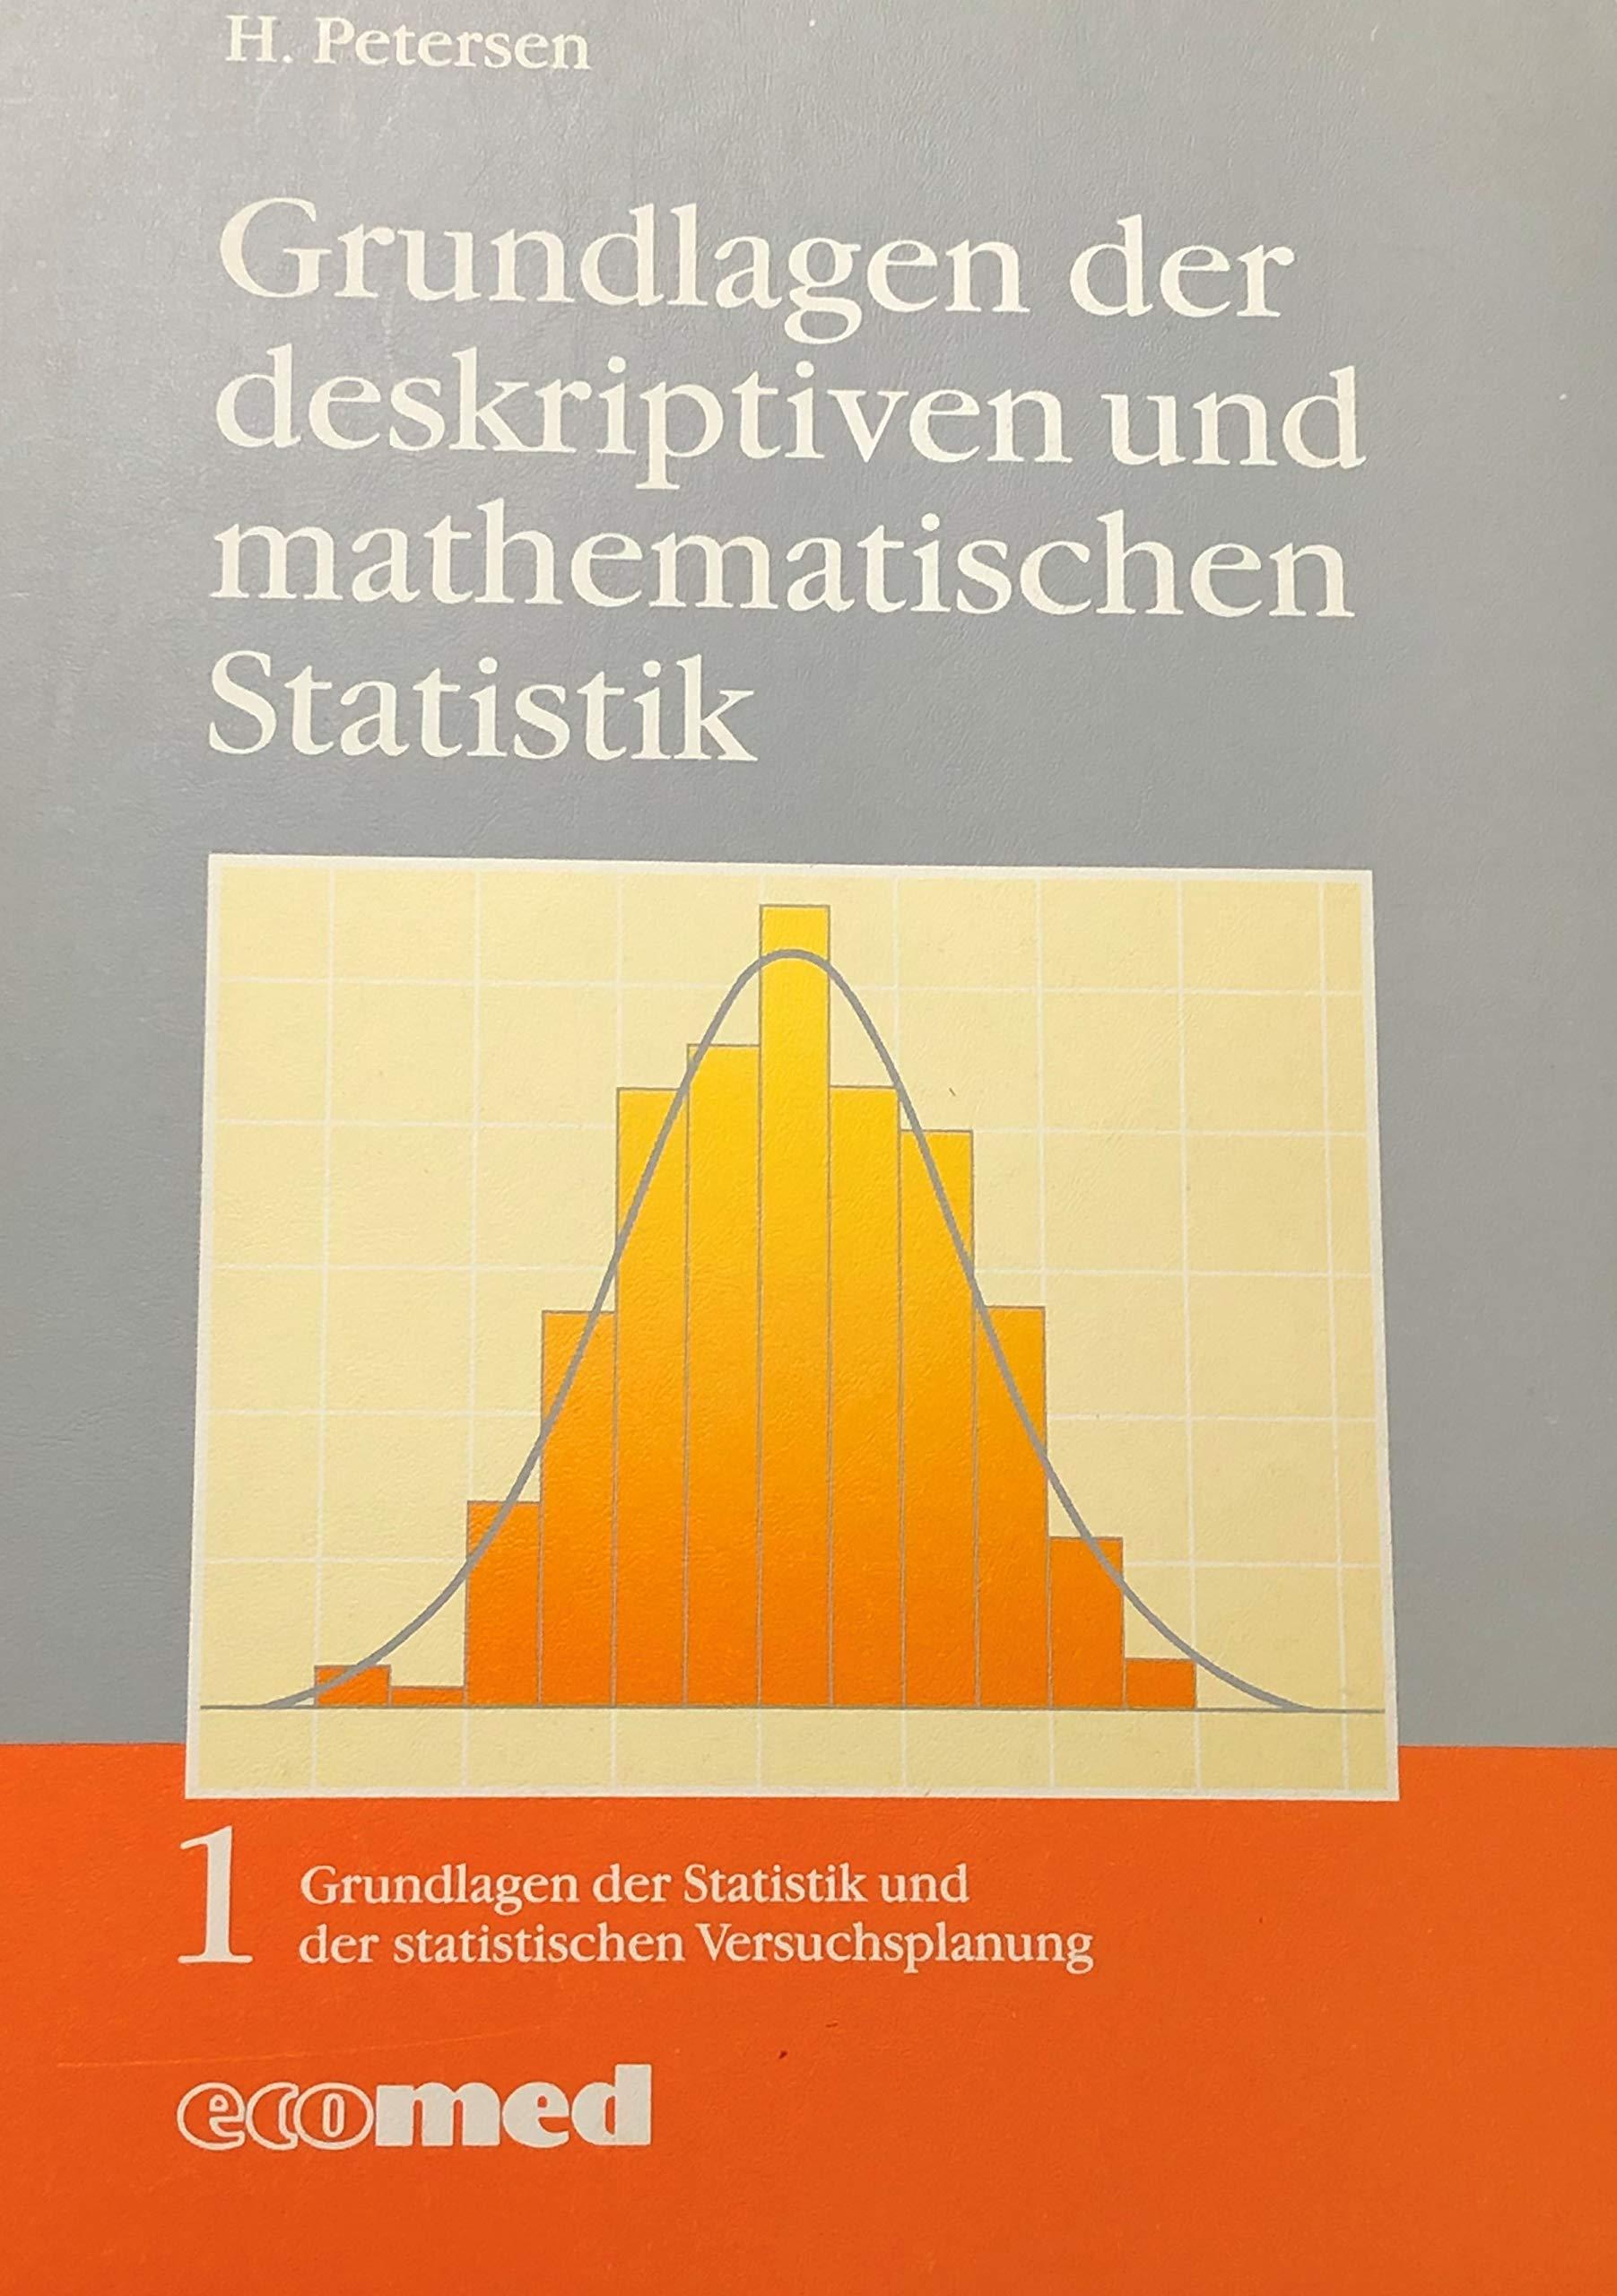 Grundlagen Der Statistik Und Statistischen Versuchsplanung   Grundlagen Der Deskriptiven Und Mathematischen Statistik